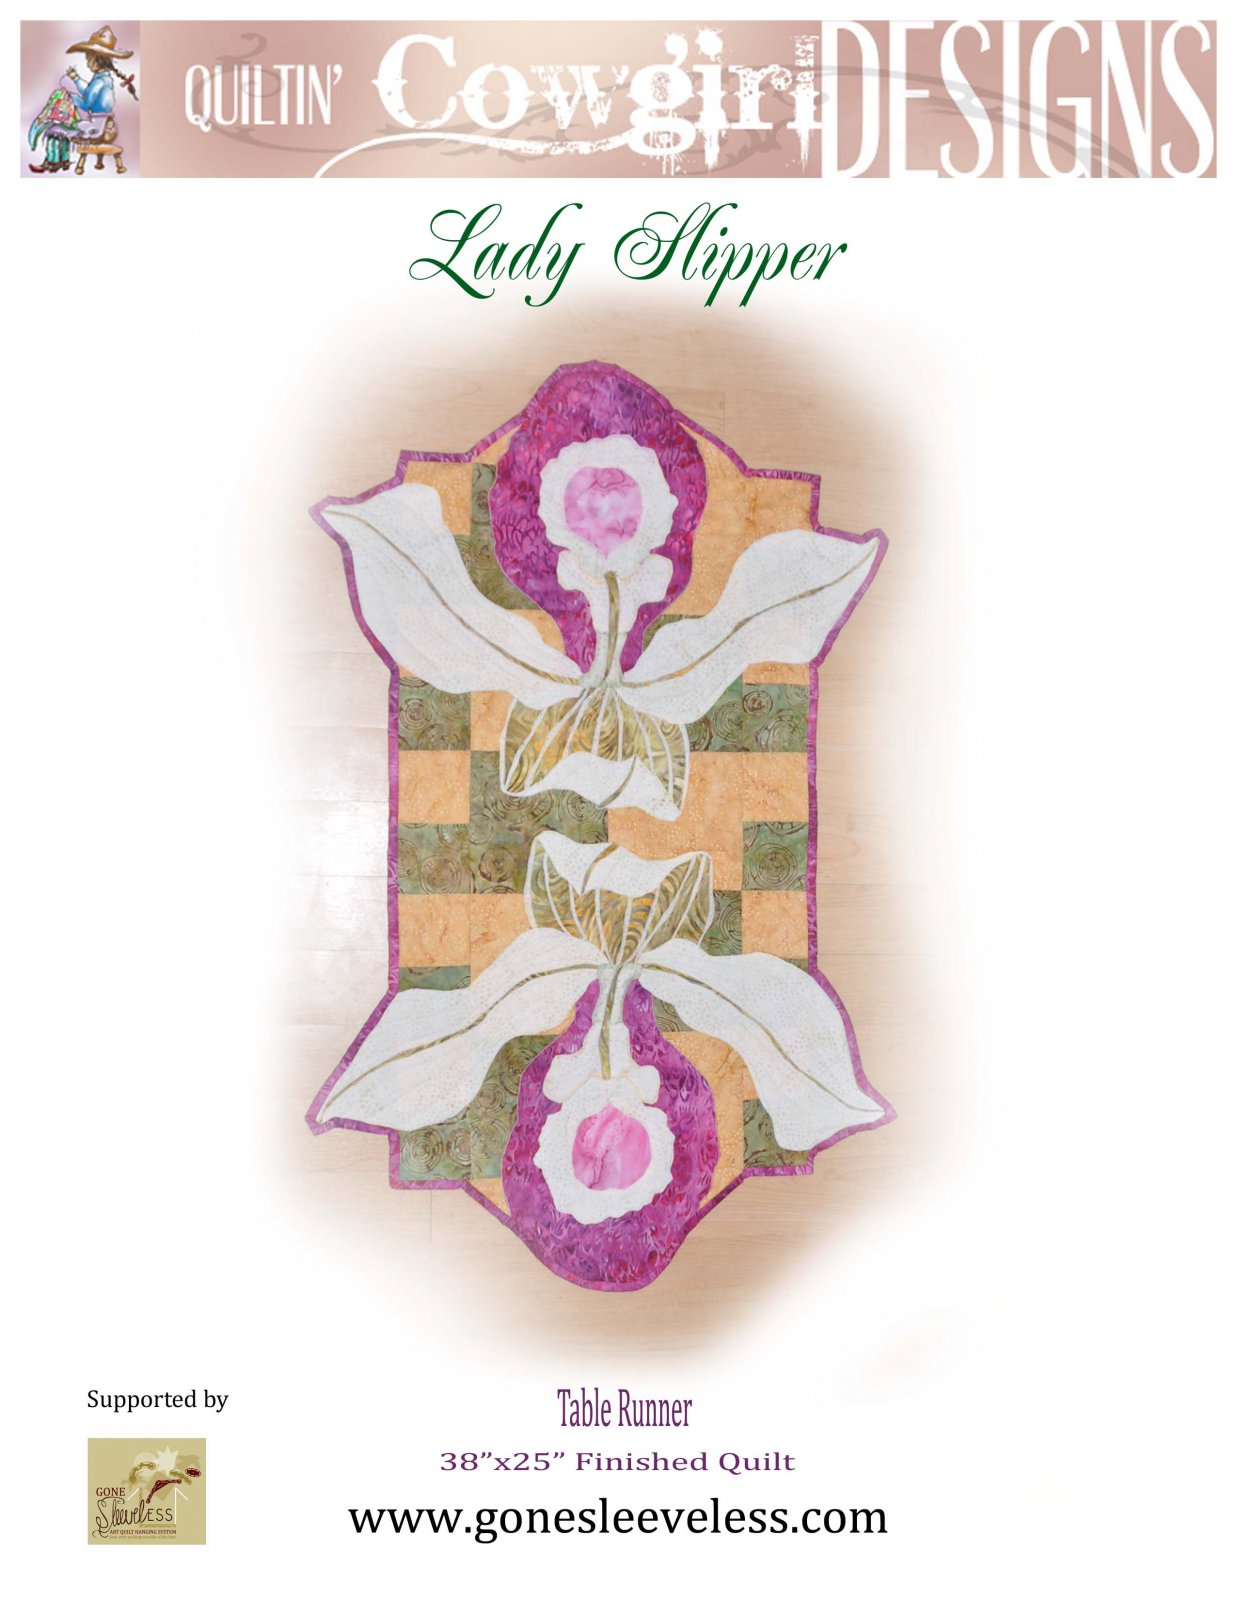 LADY SLIPPER TABLE RUNNER